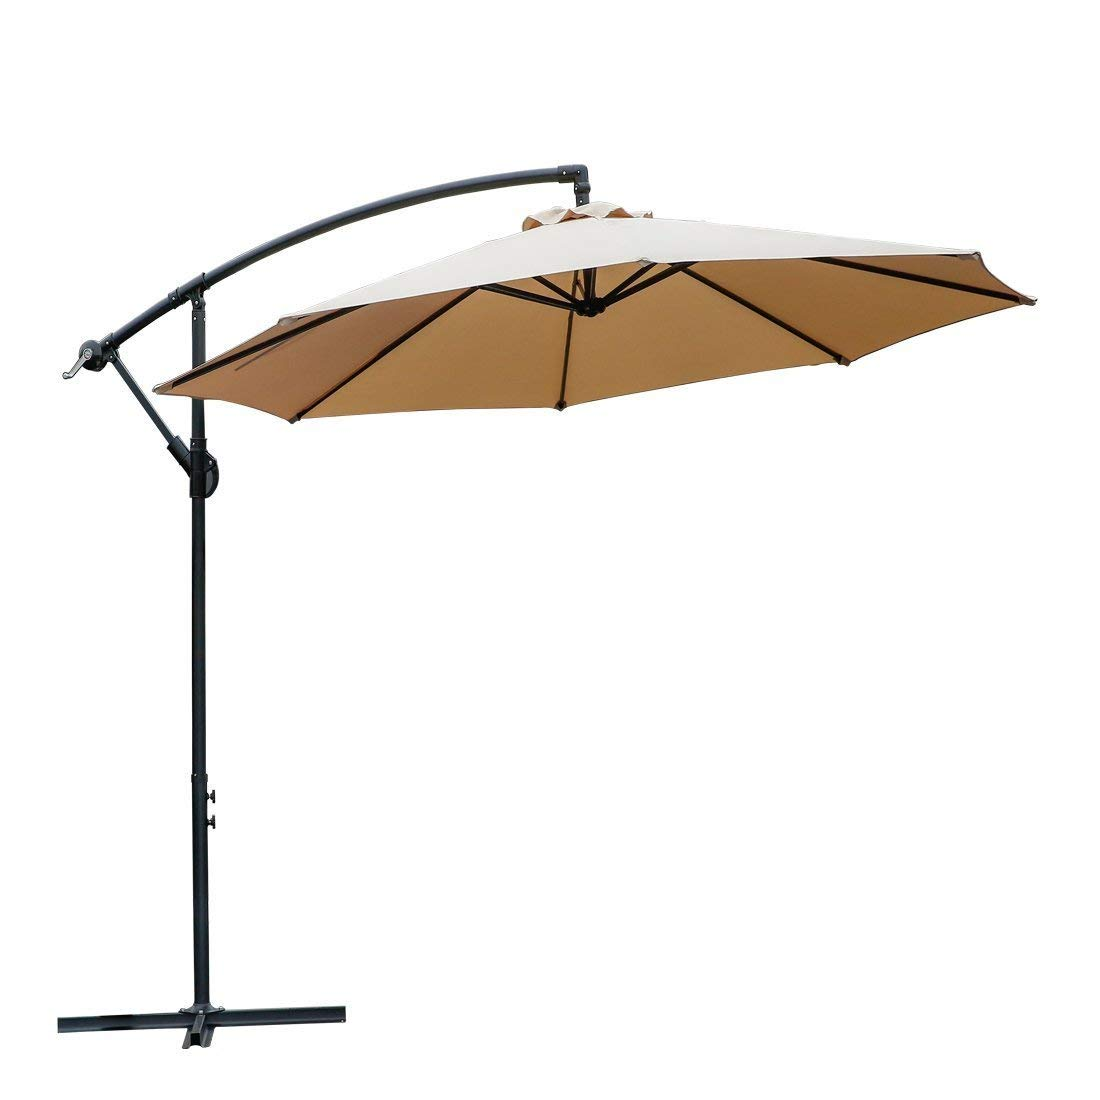 WARM HARBOR Offset Hanging Patio Umbrella Aluminum Outdoor Cantilever Umbrella Crank Lift (10 Ft-Beige)